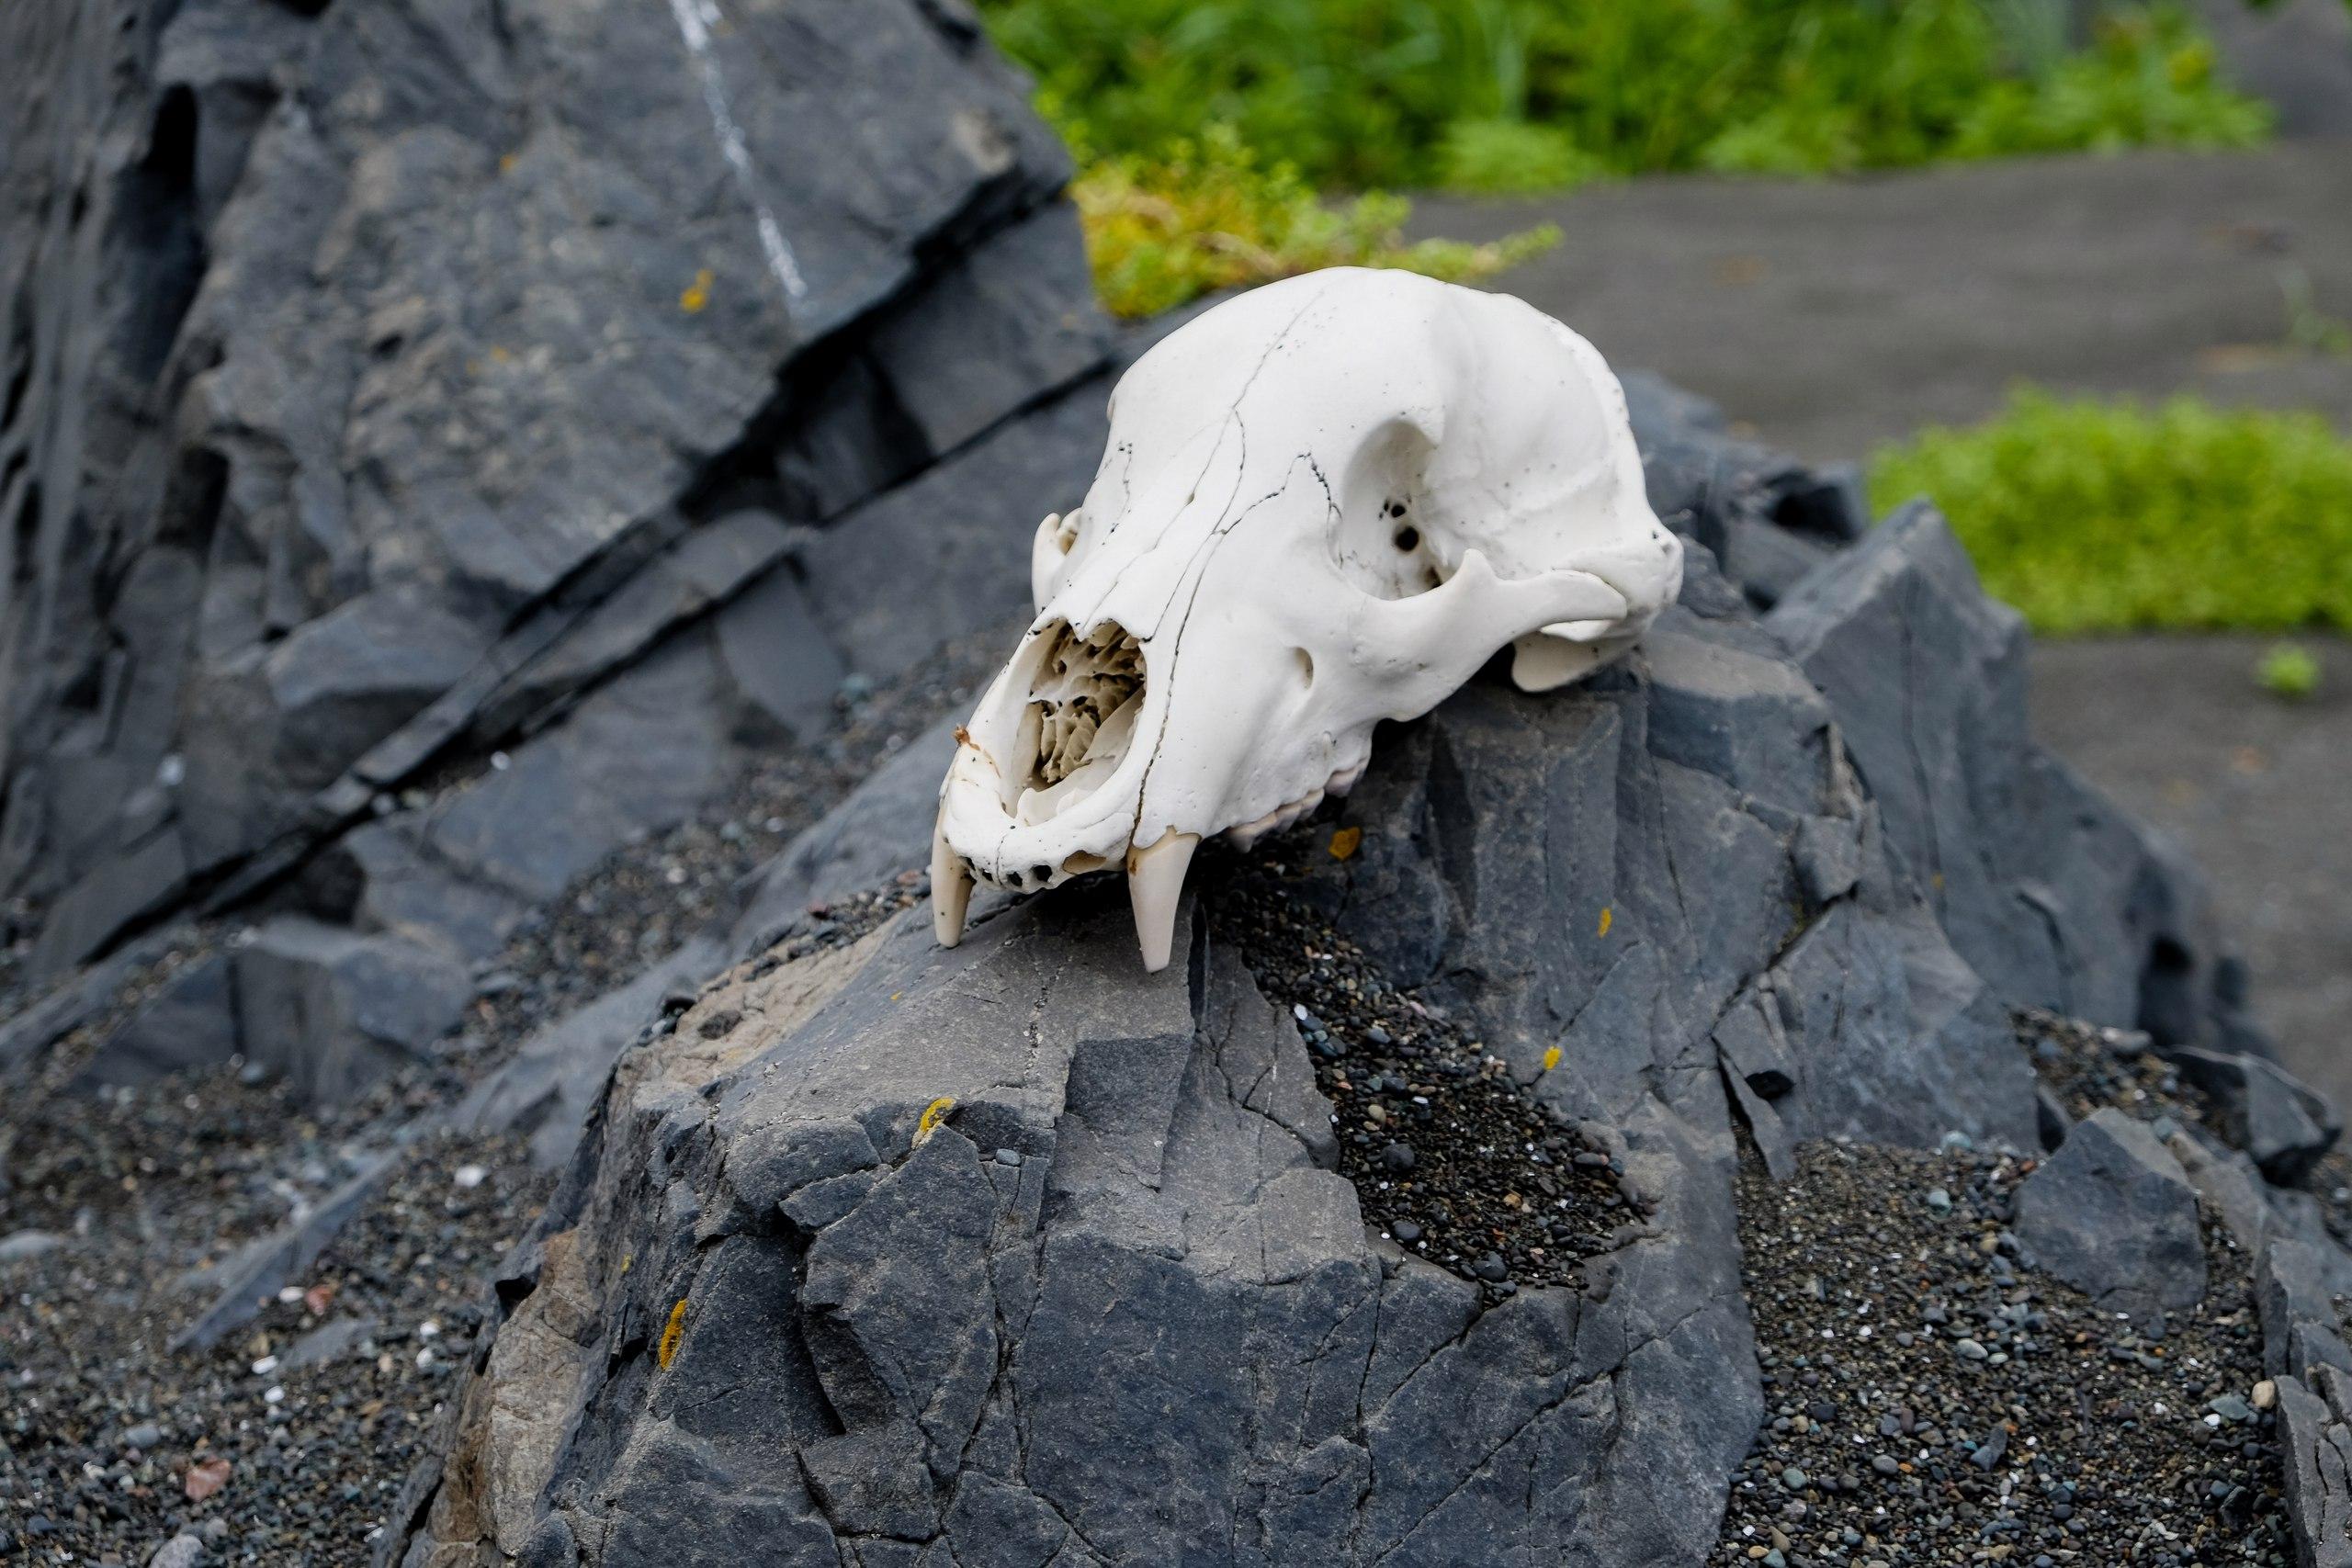 Череп медведя Морис, найденный Антоном во время экспедиции кмысу Африка.